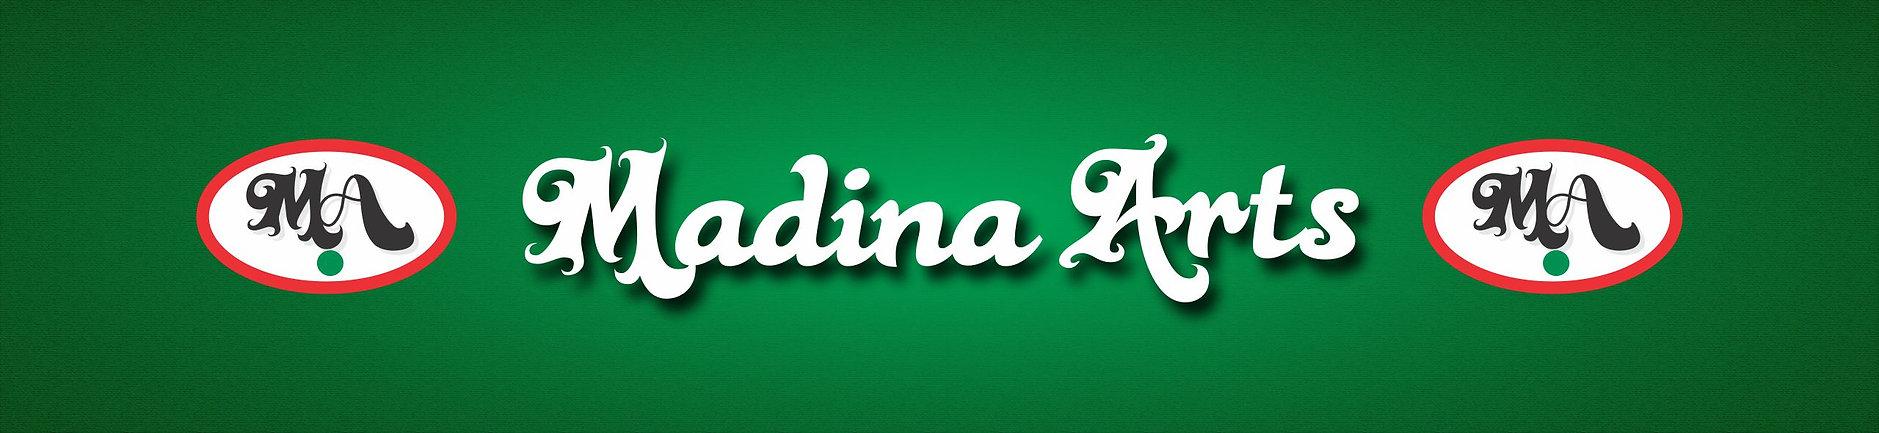 madina logo.jpg